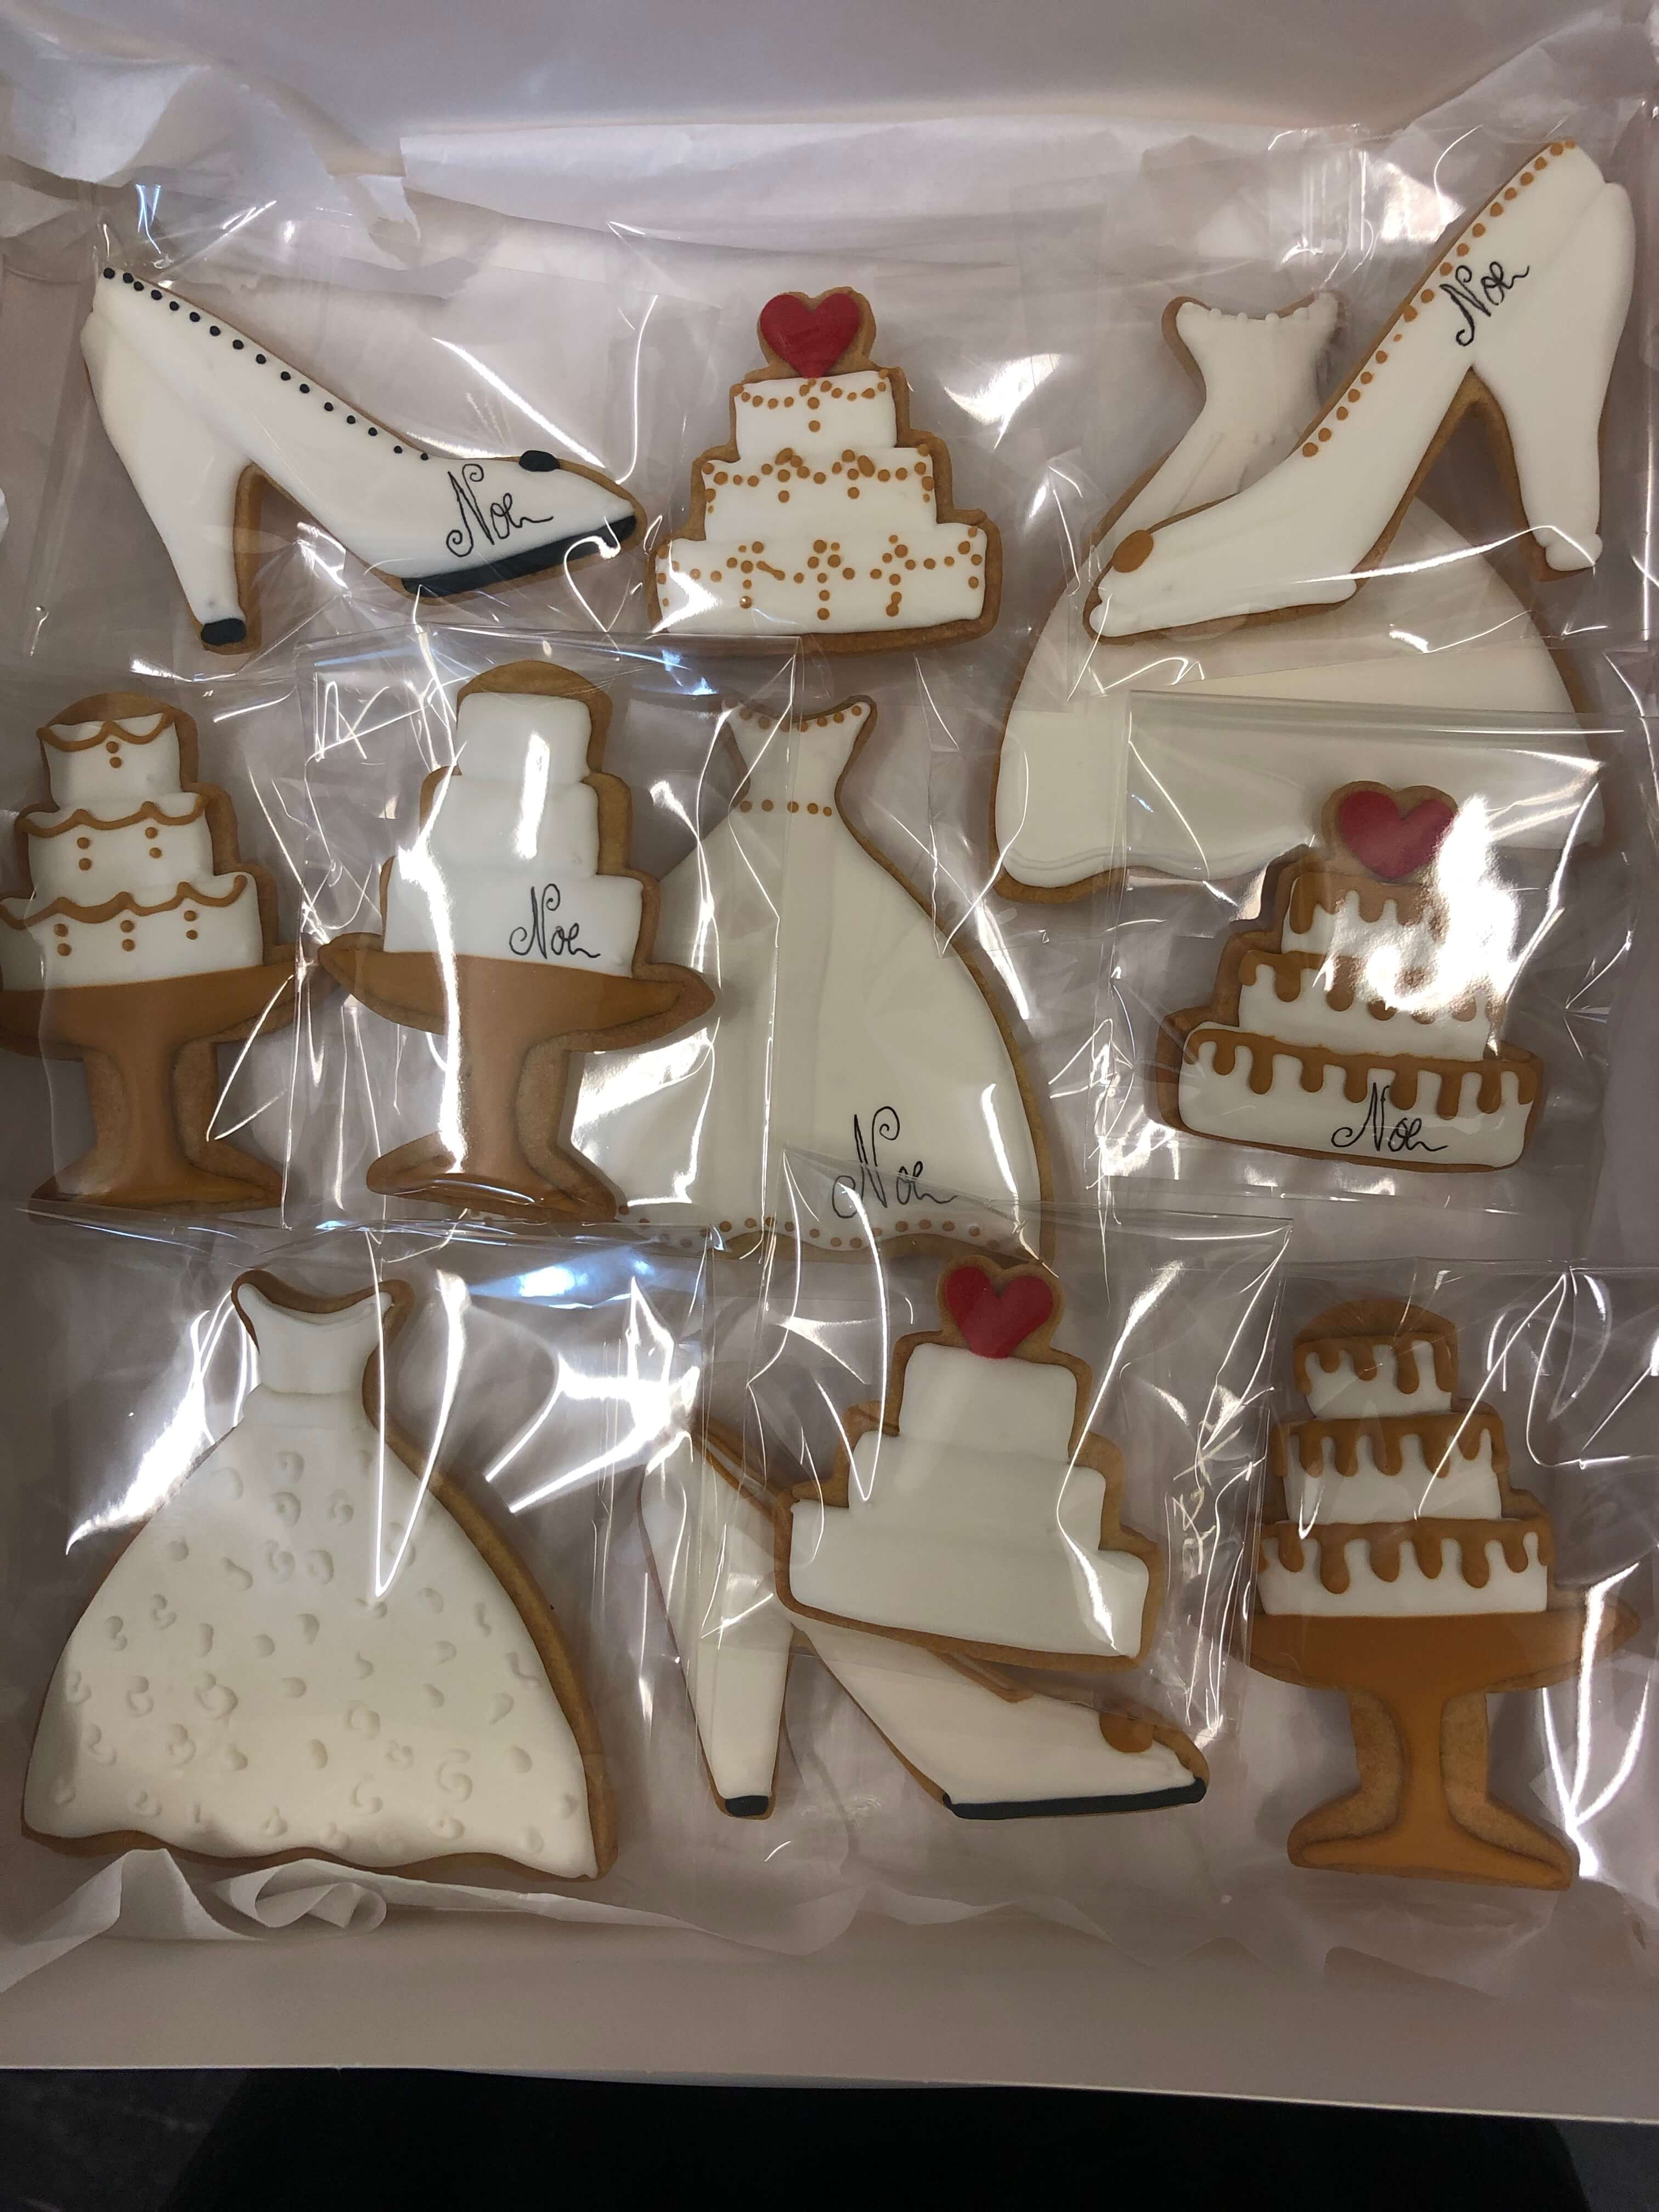 Galletas personalizadas para boda con iniciales coruña